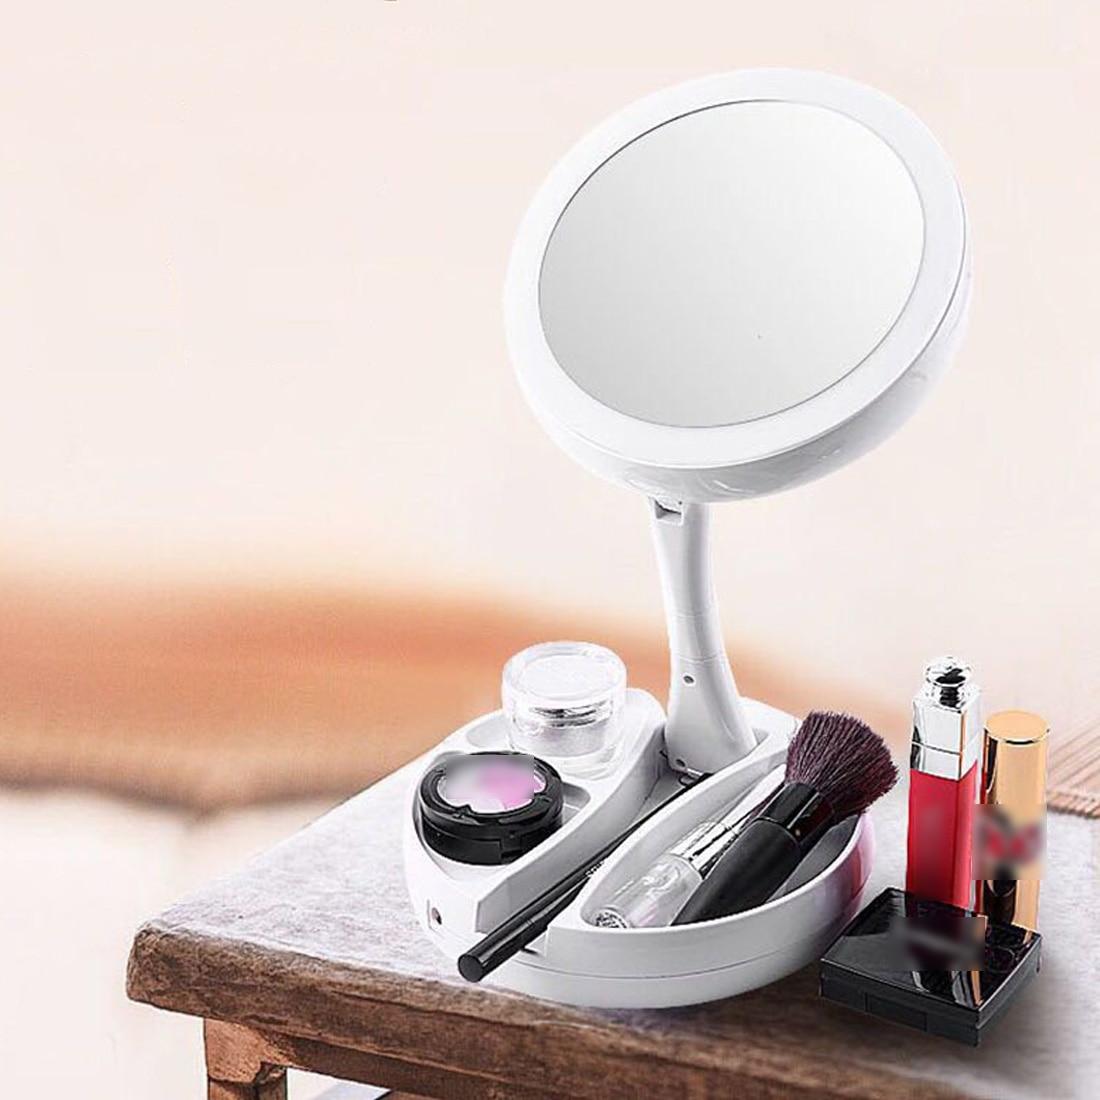 Schminkspiegel Suche Nach FlüGen 16 Leds Mit Licht-touchscreen Make-up Spiegel/weiß/10x Vergrößerungs/faltbare Tragbare Led Beleuchtete Make-up Eitelkeit Kompakte Spiegel